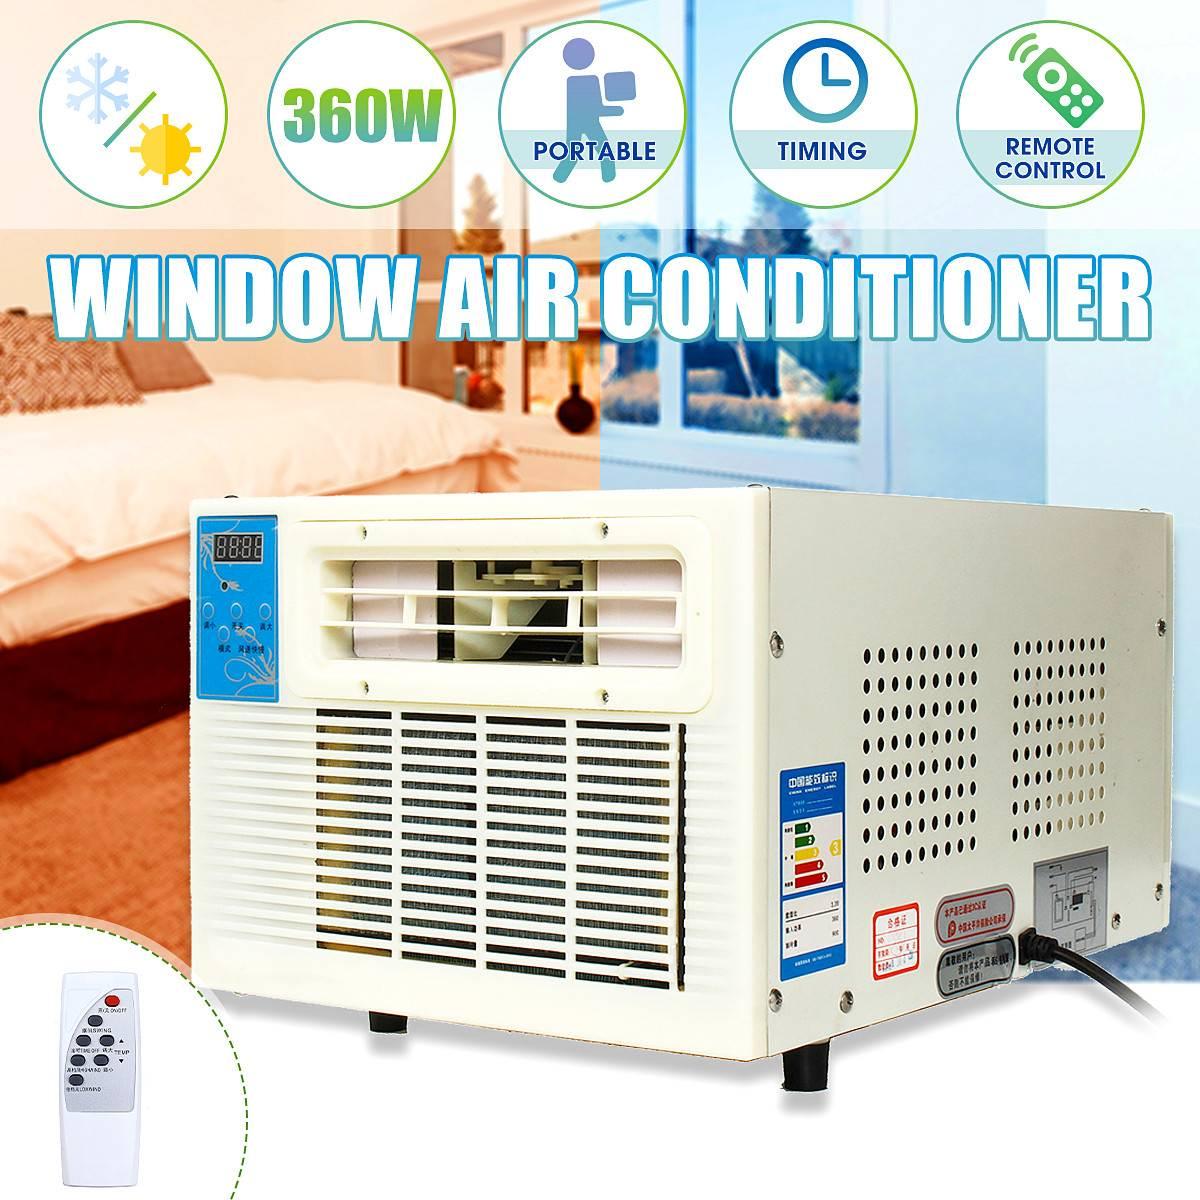 Neueste 900 W Ipx4 Desktops Klimaanlage Fenster Klimaanlage Mini Haushalt Luftkühler Klimaanlage Mit Fernbedienung Klimaanlagen